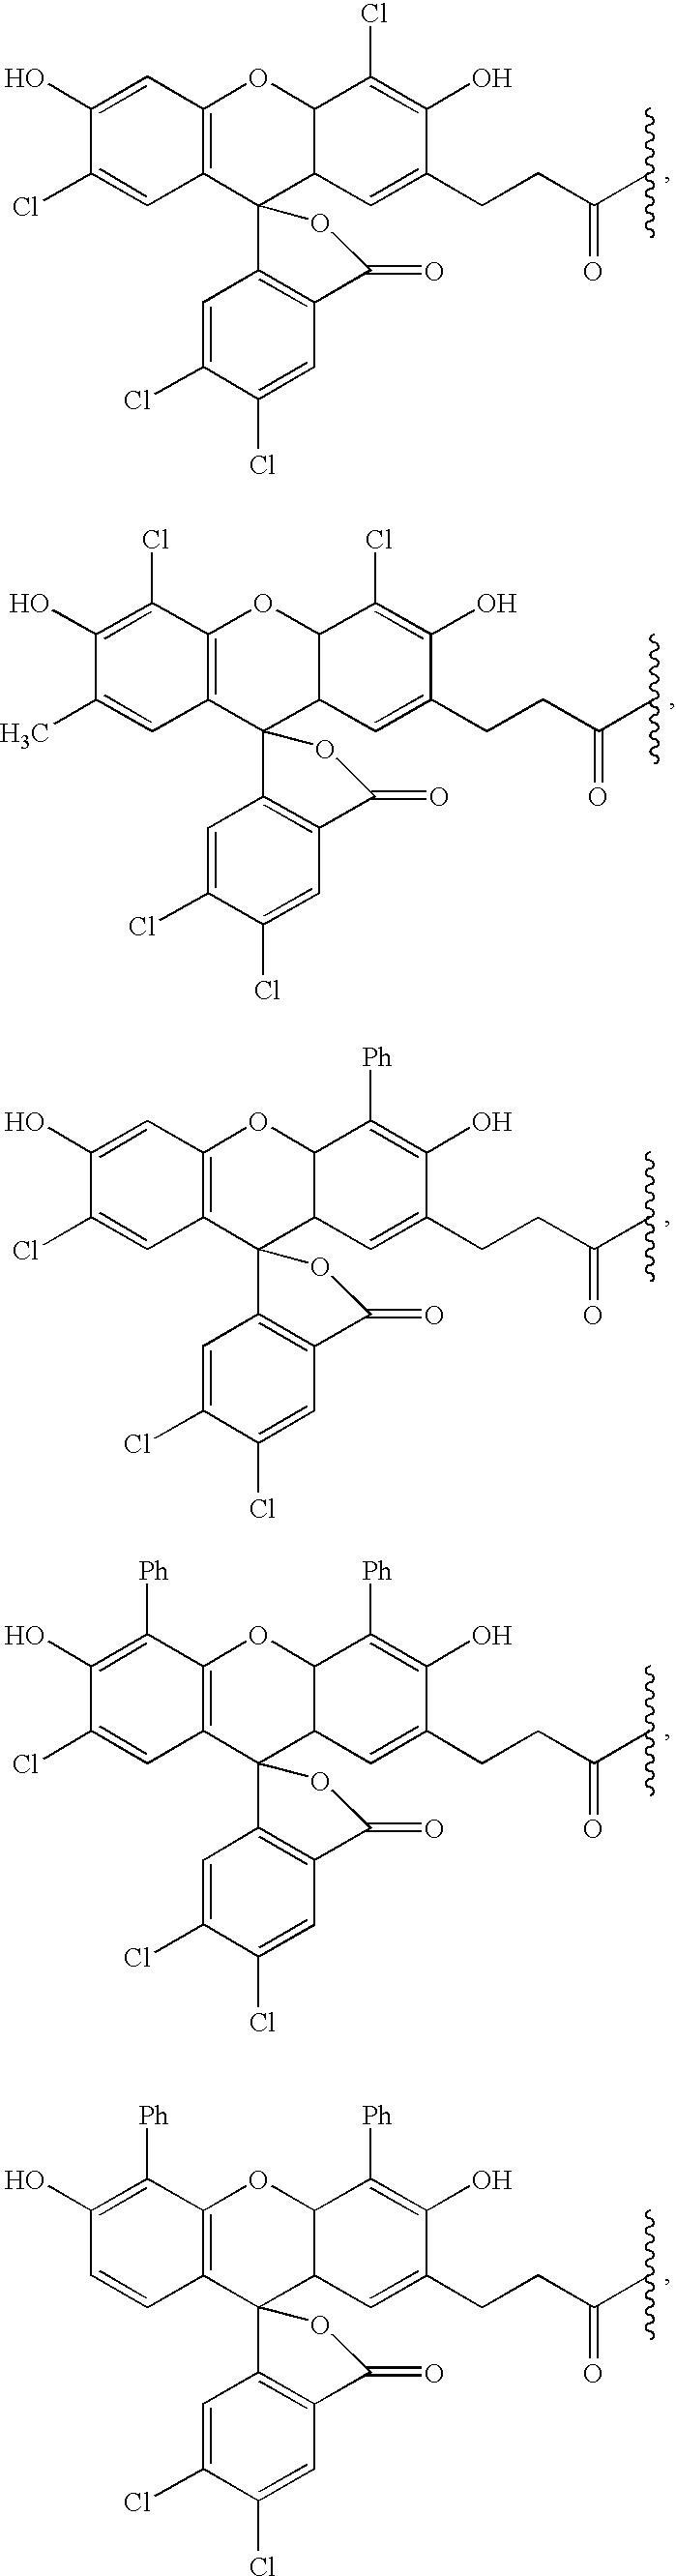 Figure US07112684-20060926-C00048